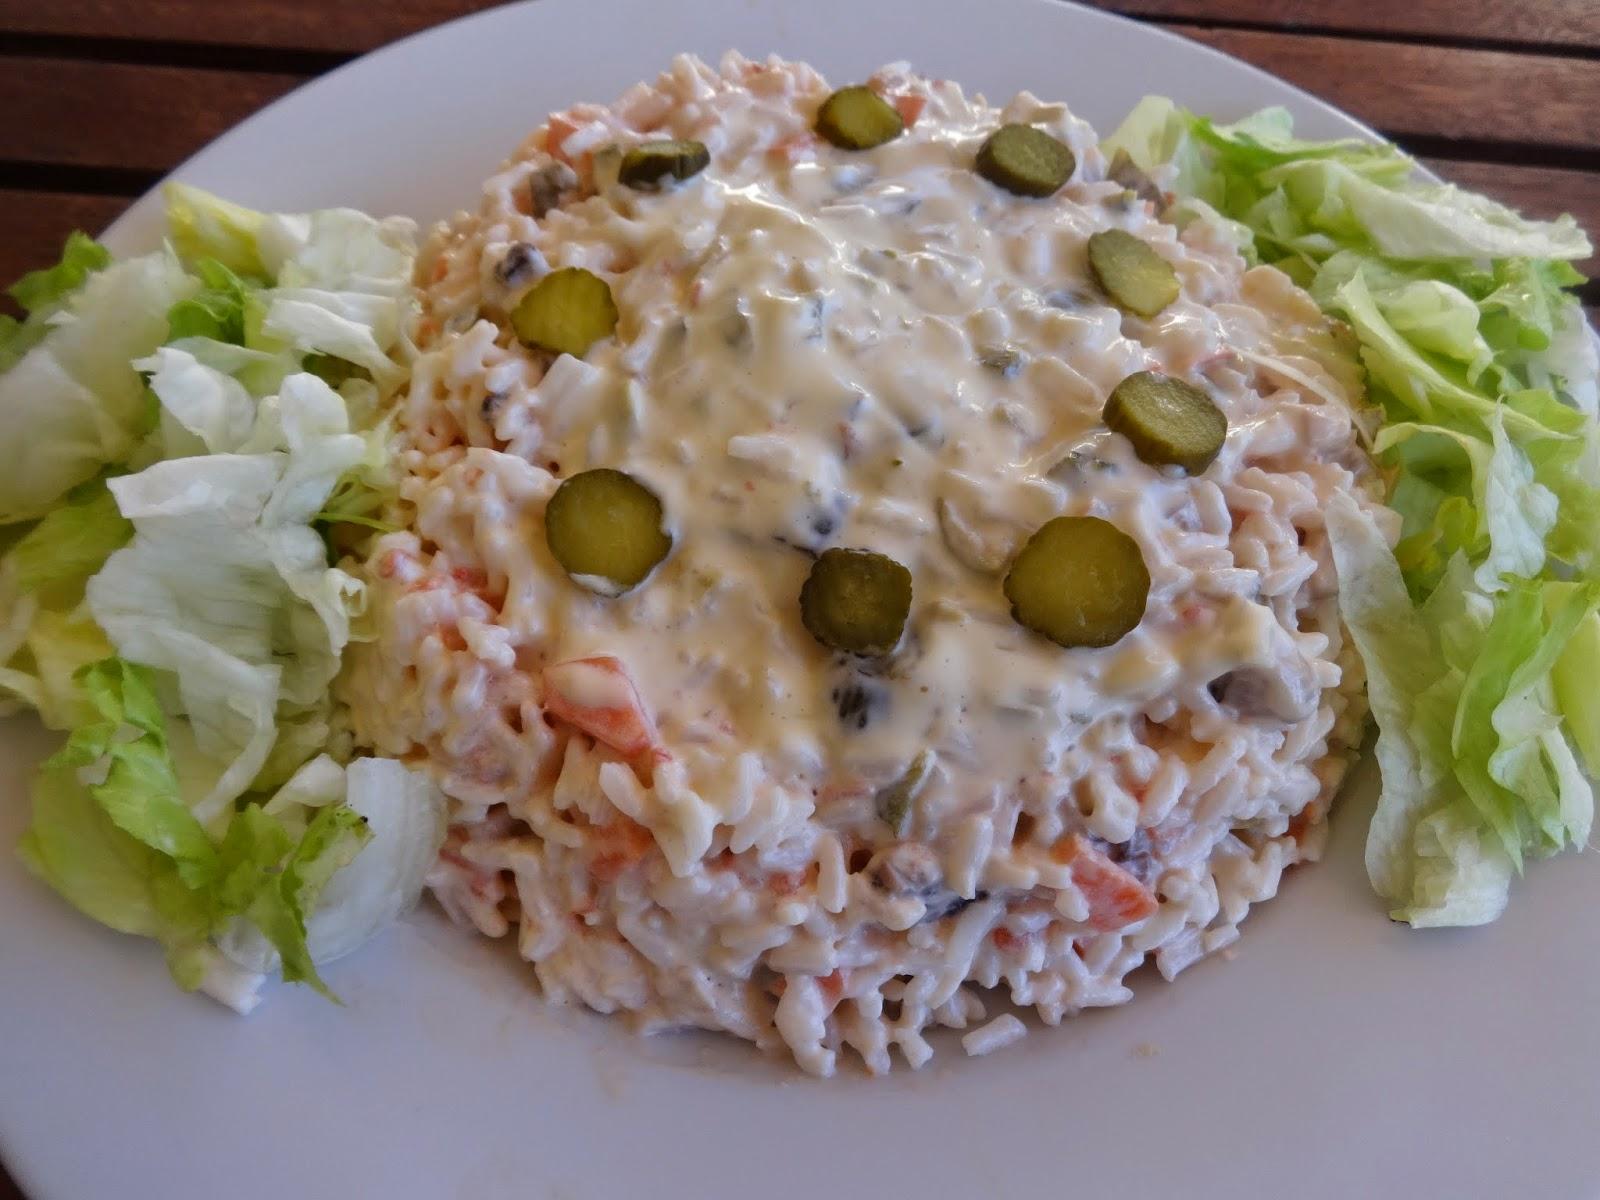 Mis recetas para casa ensaladas de arroz - Ensalada de arroz light ...